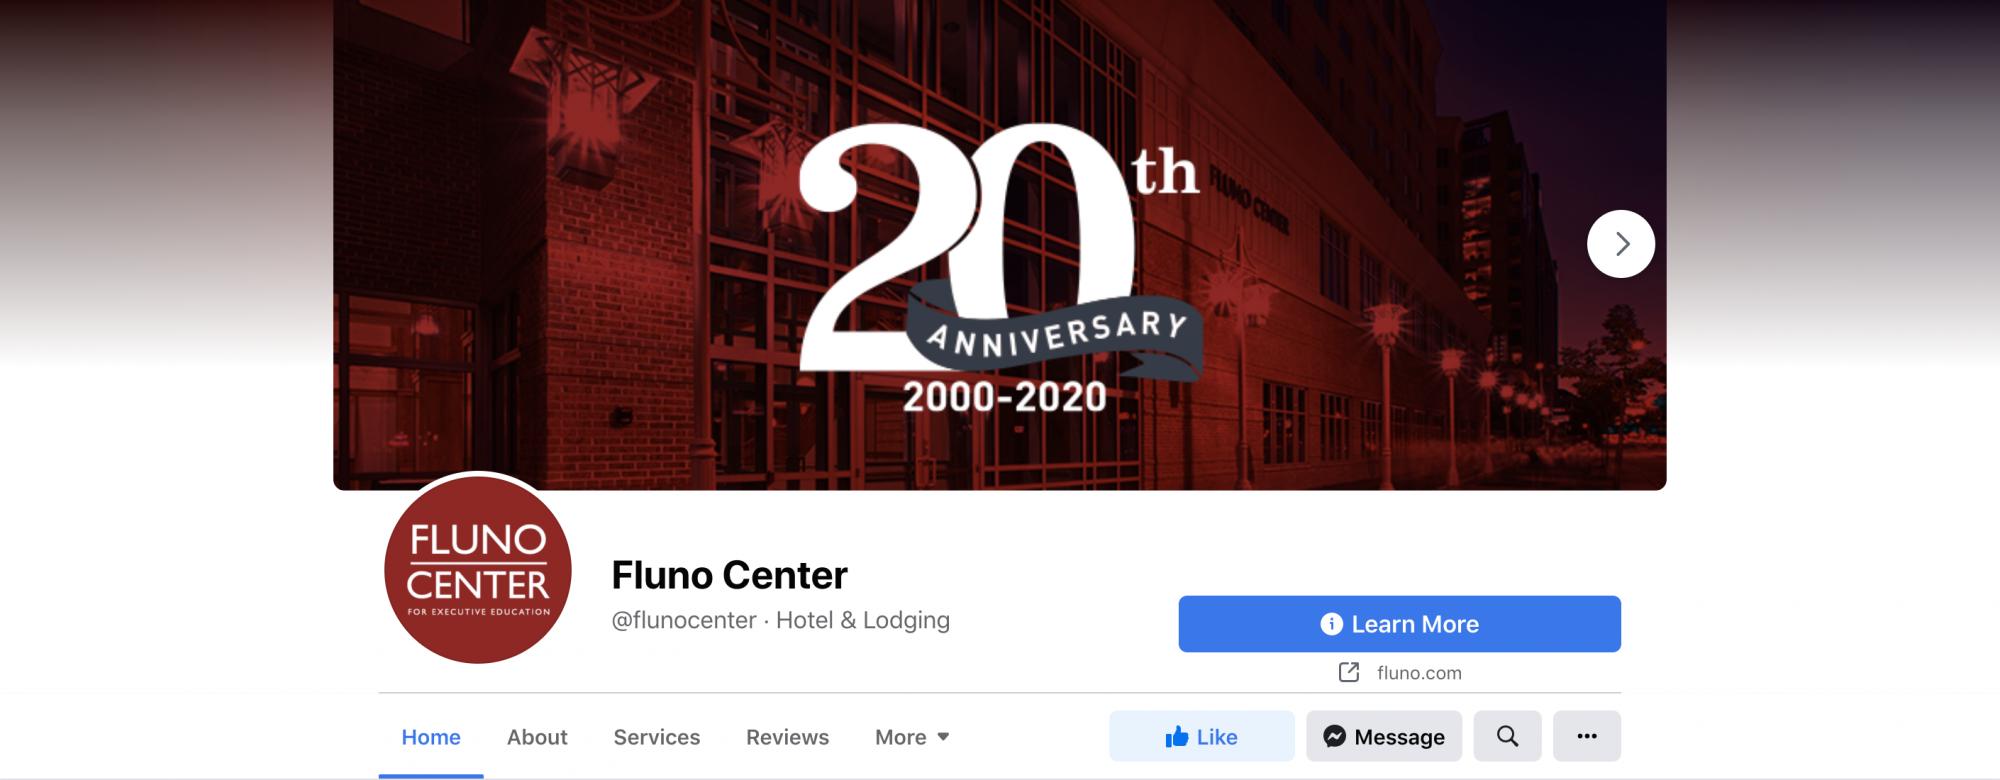 Fluno Center Facebook cover image 1